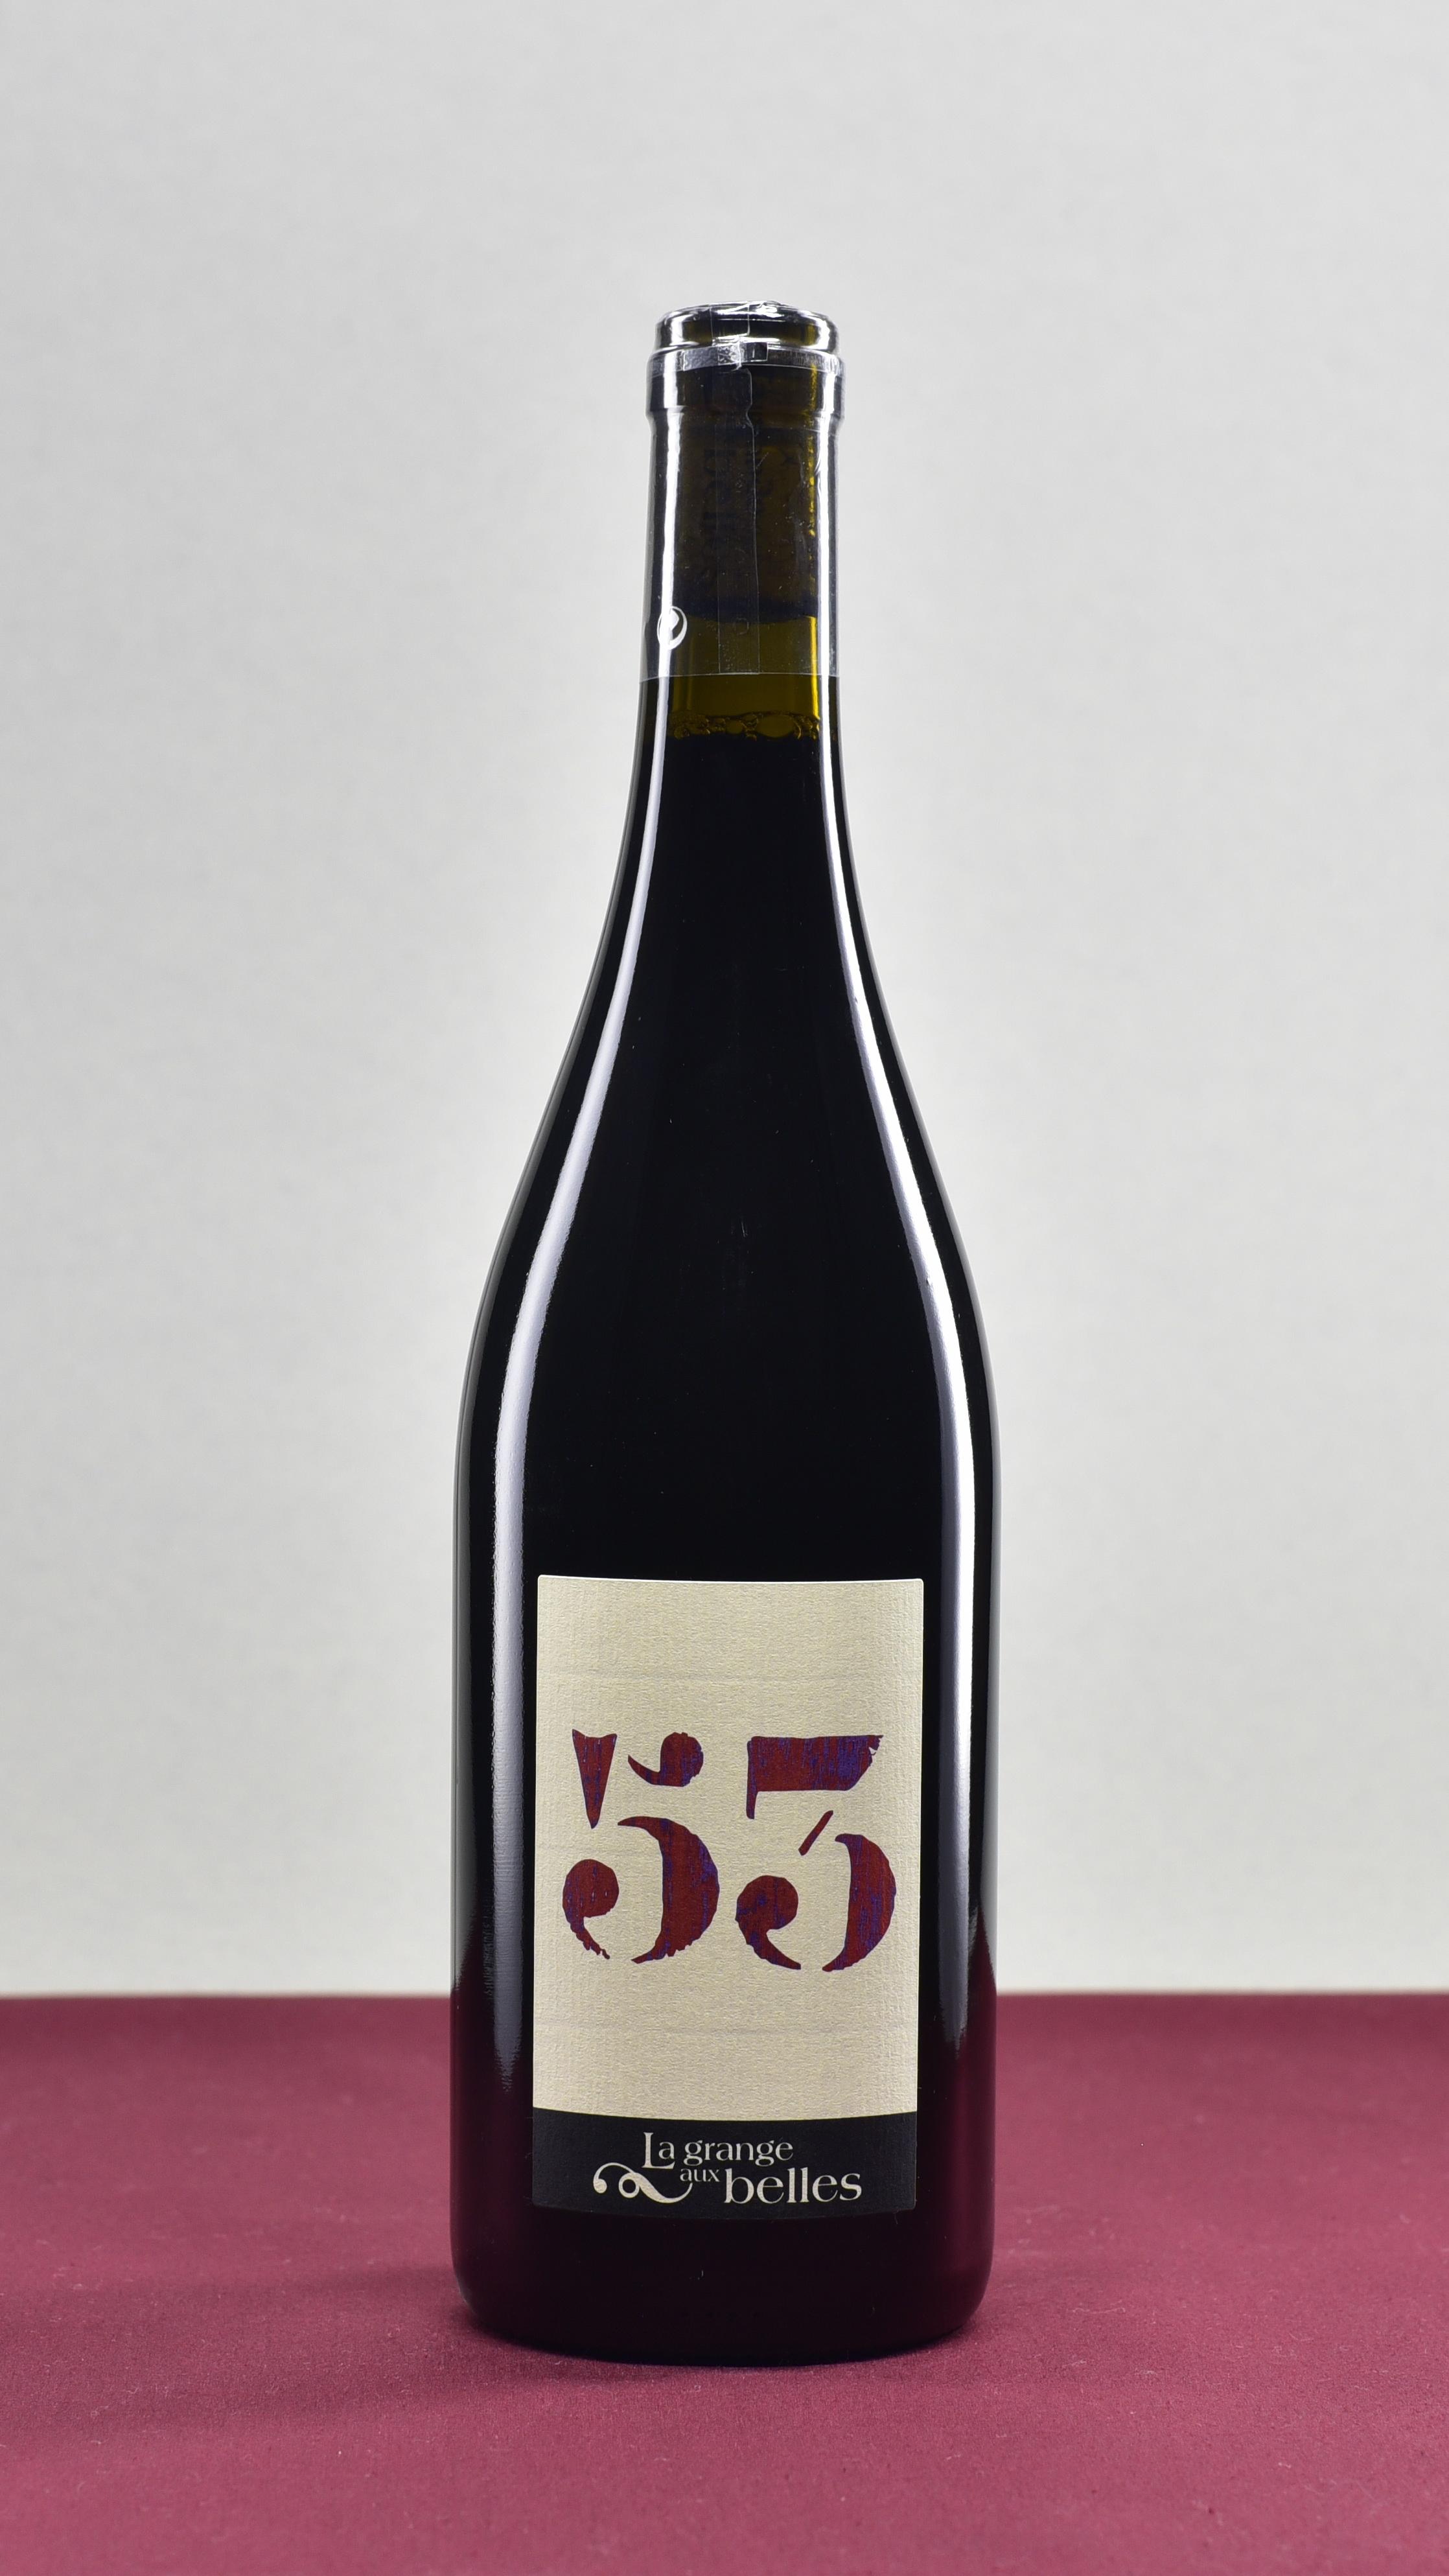 Cuvée 53 - La Grange Aux Belles | Marc H, Julien B & Gérald PCabernet FrancVin de France | 2016